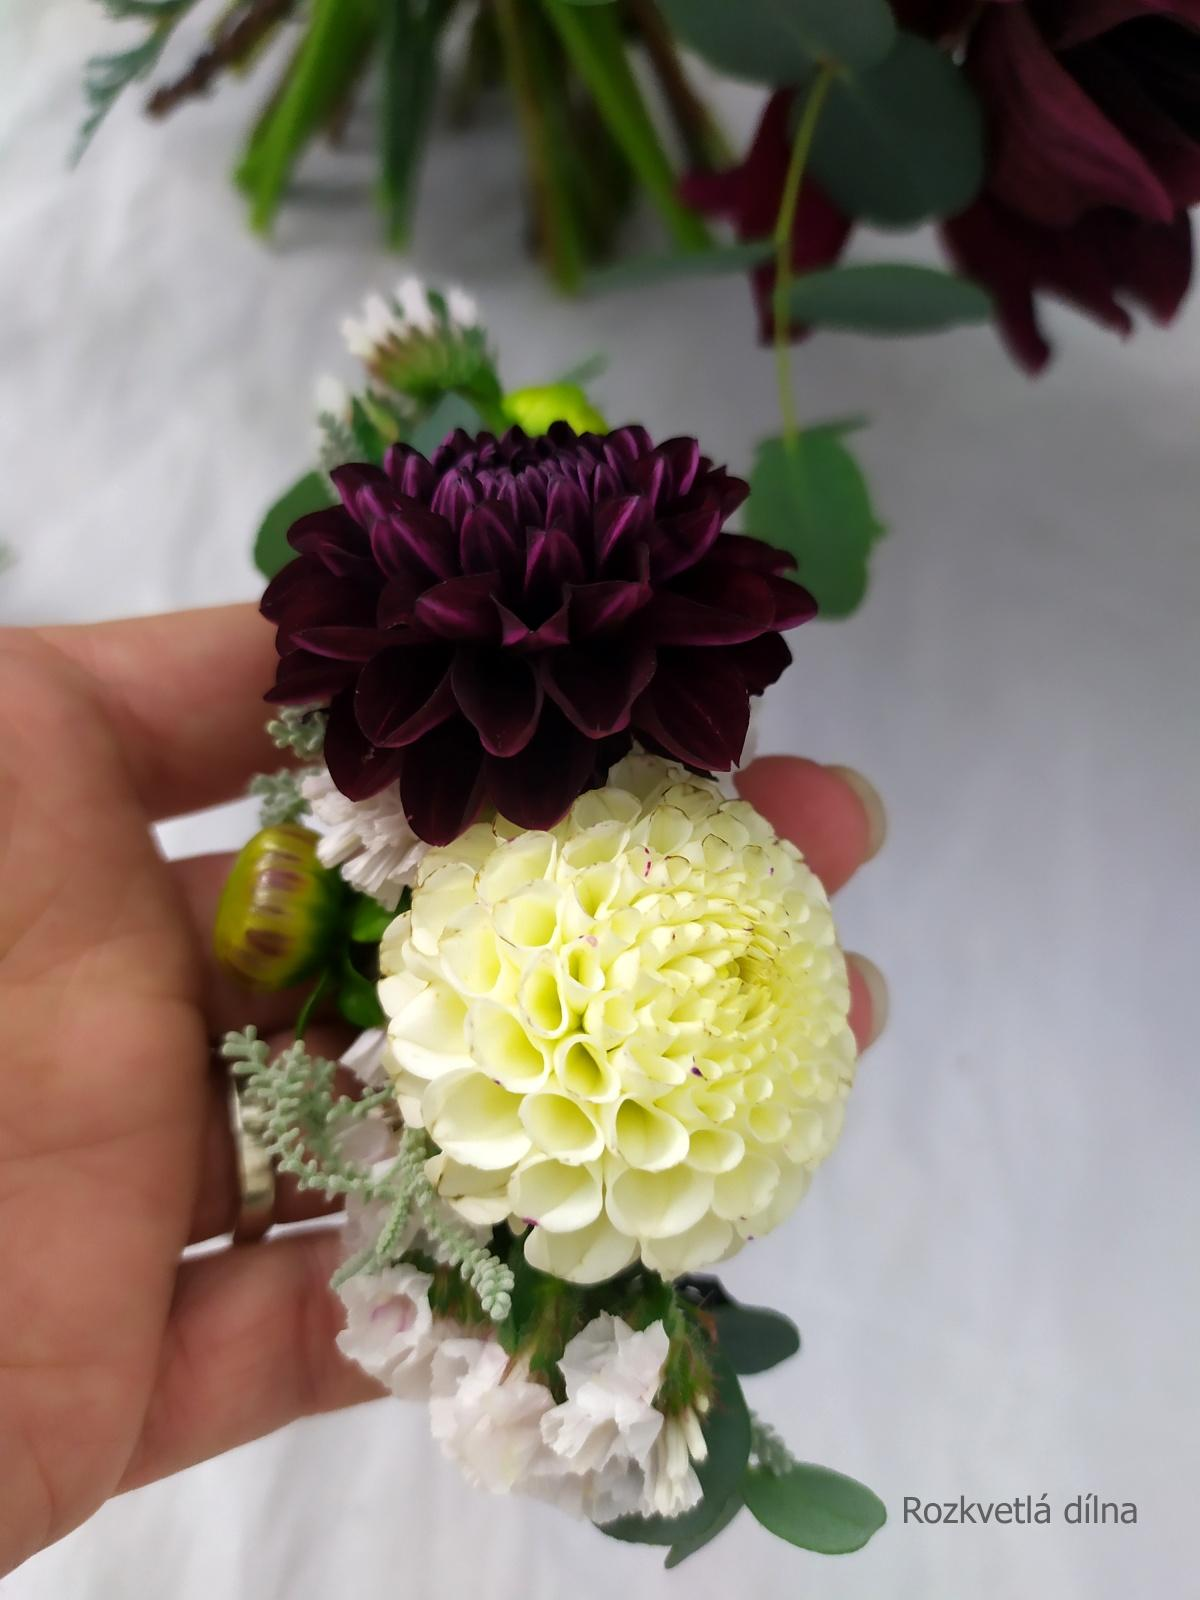 Podzimní kytice v bordó - květiny od českých farmářů - květiny do vlasů